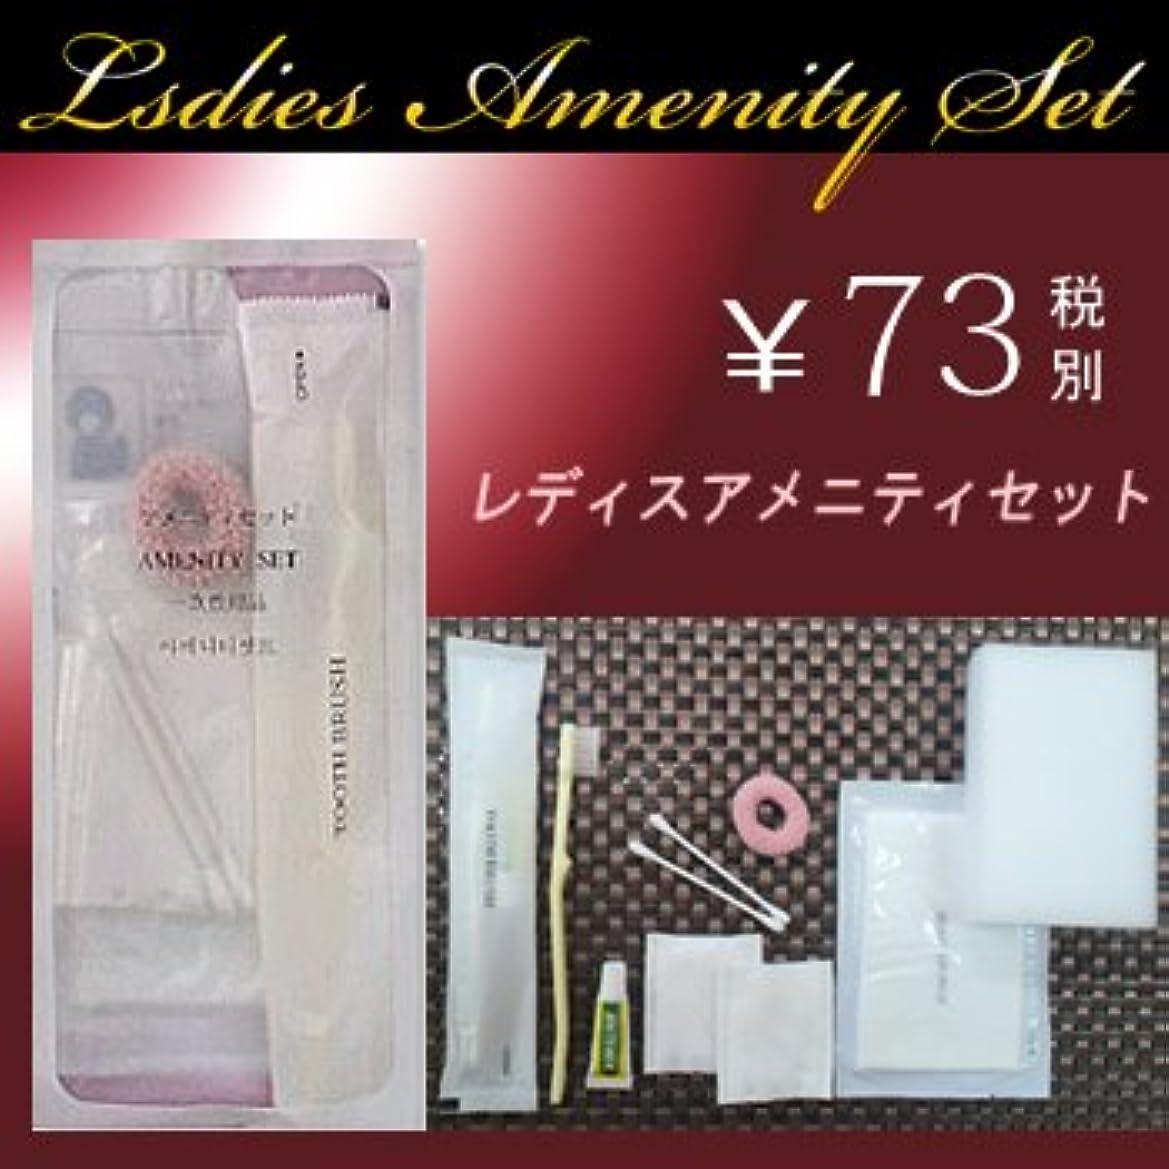 侵入するかるまたはレディスアメニティフルセット袋入(1セット300個入)